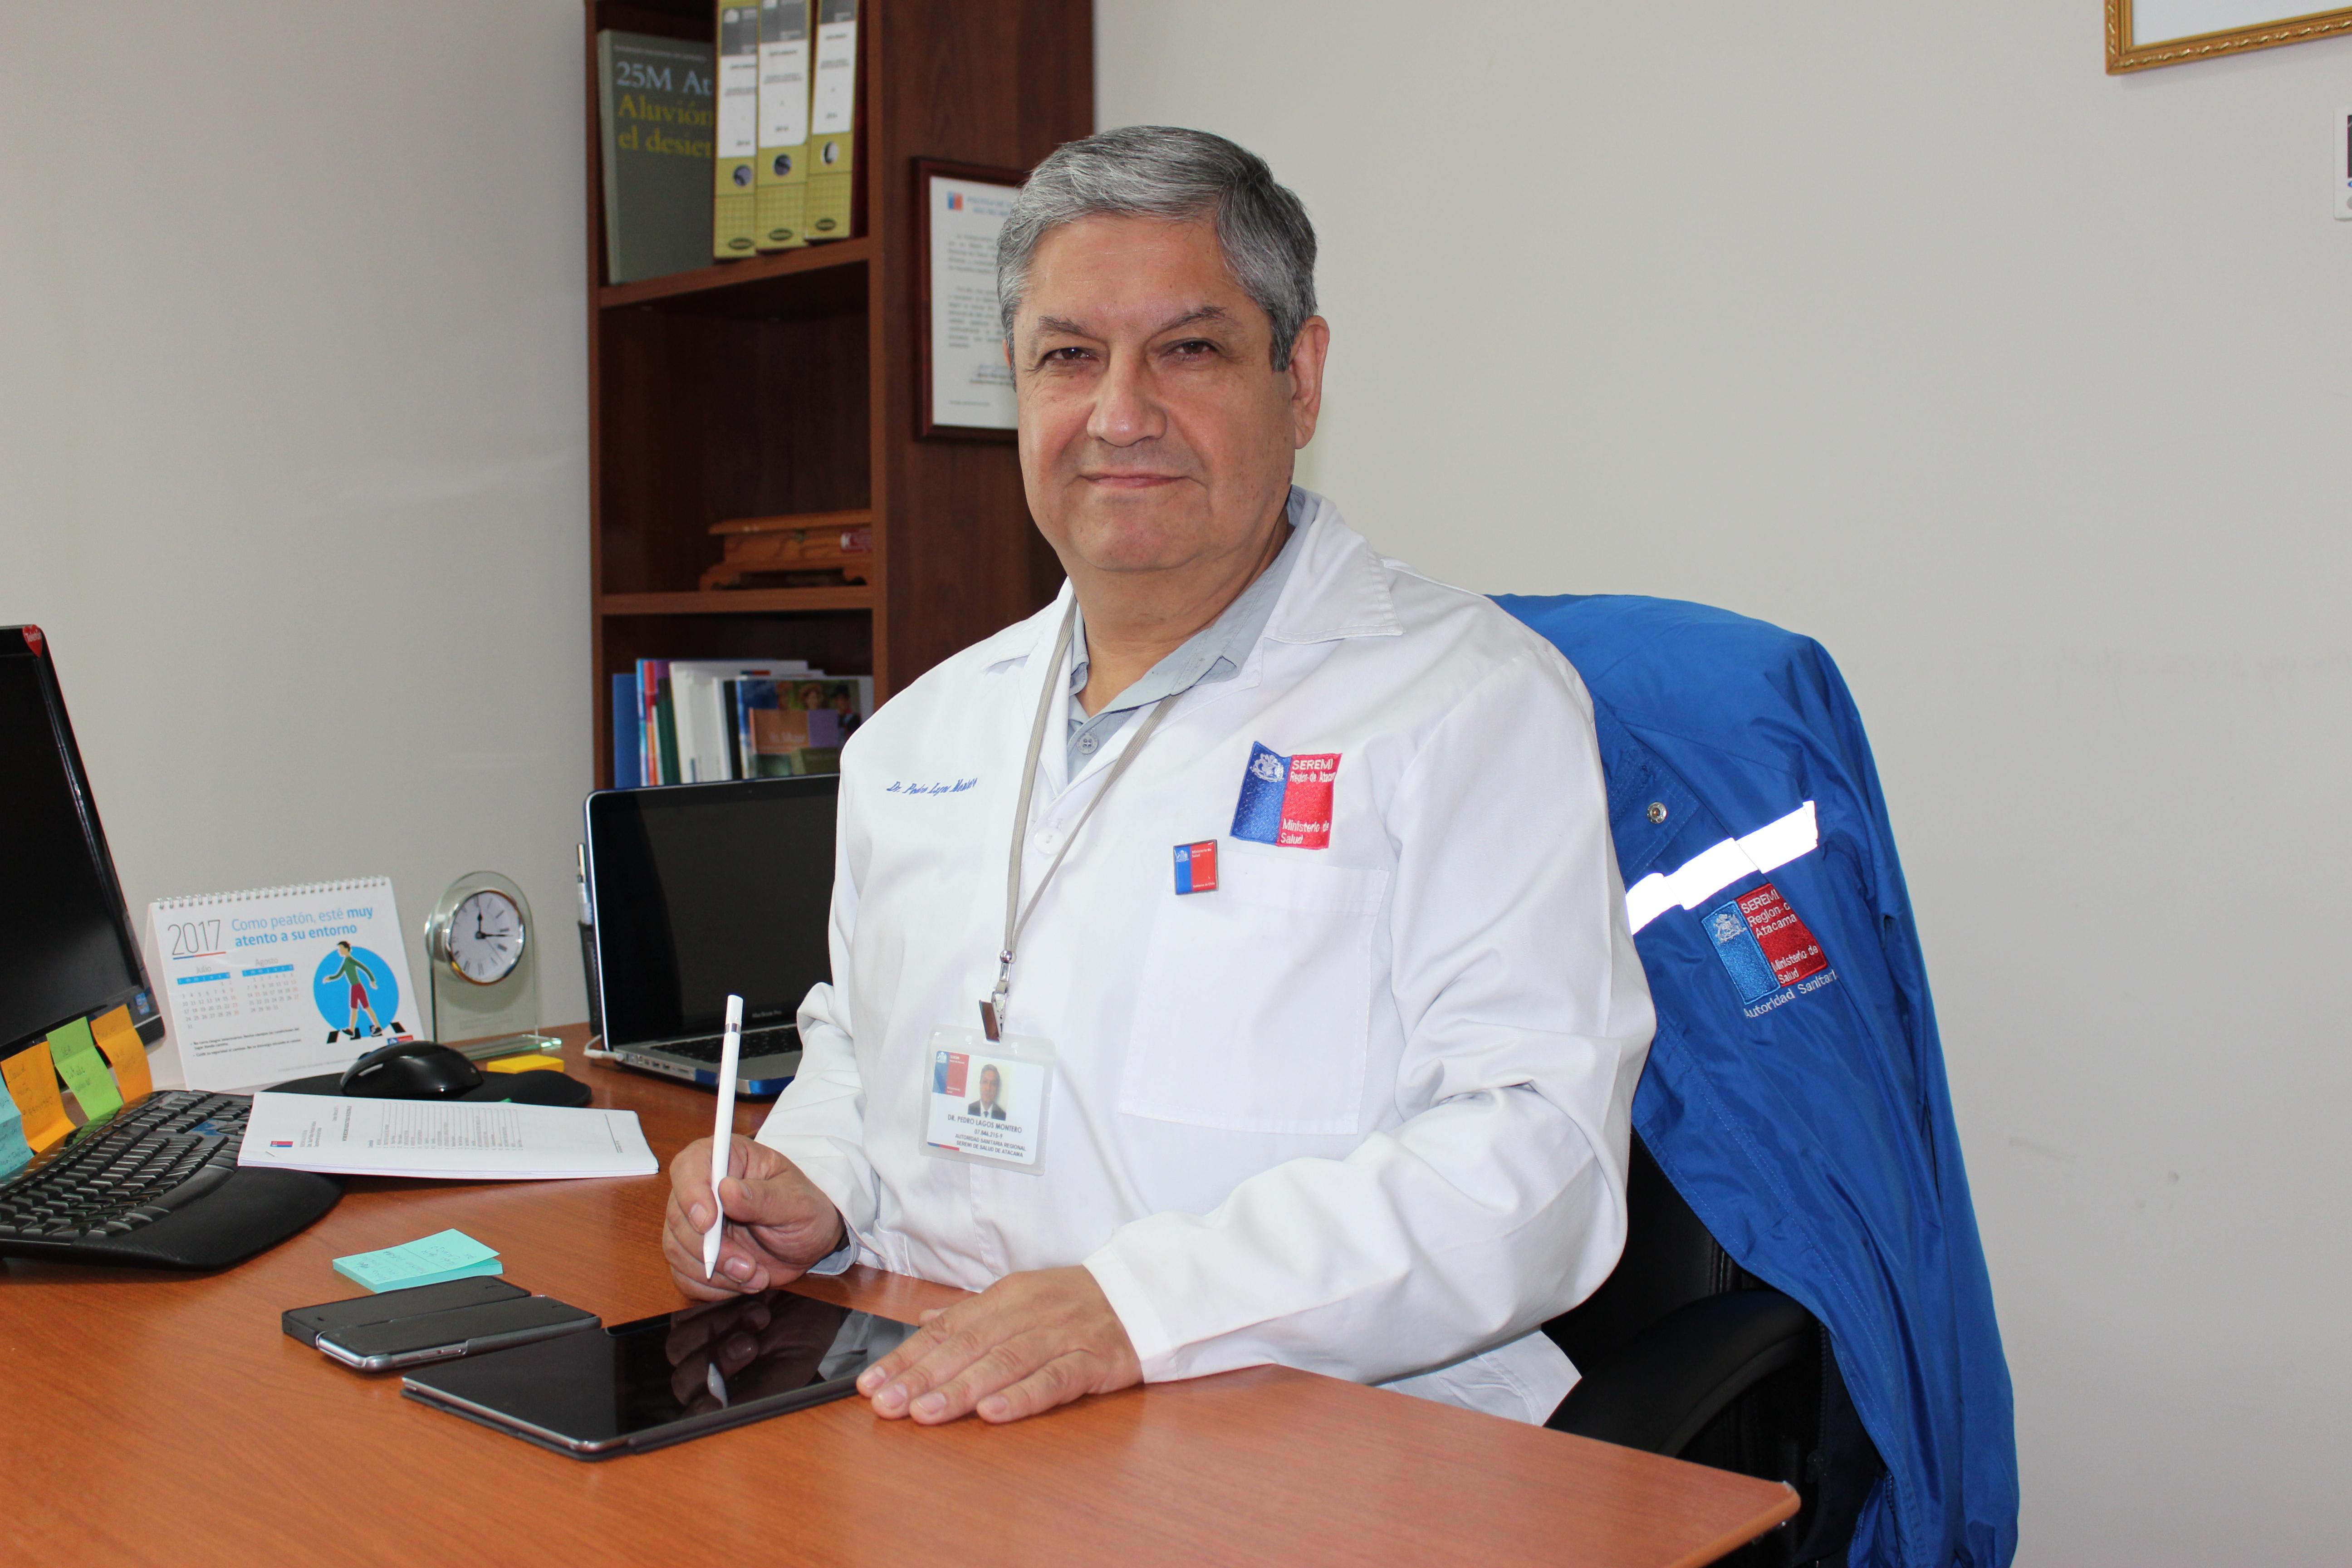 Seremi de Salud dejó su cargo en la Región de Atacama